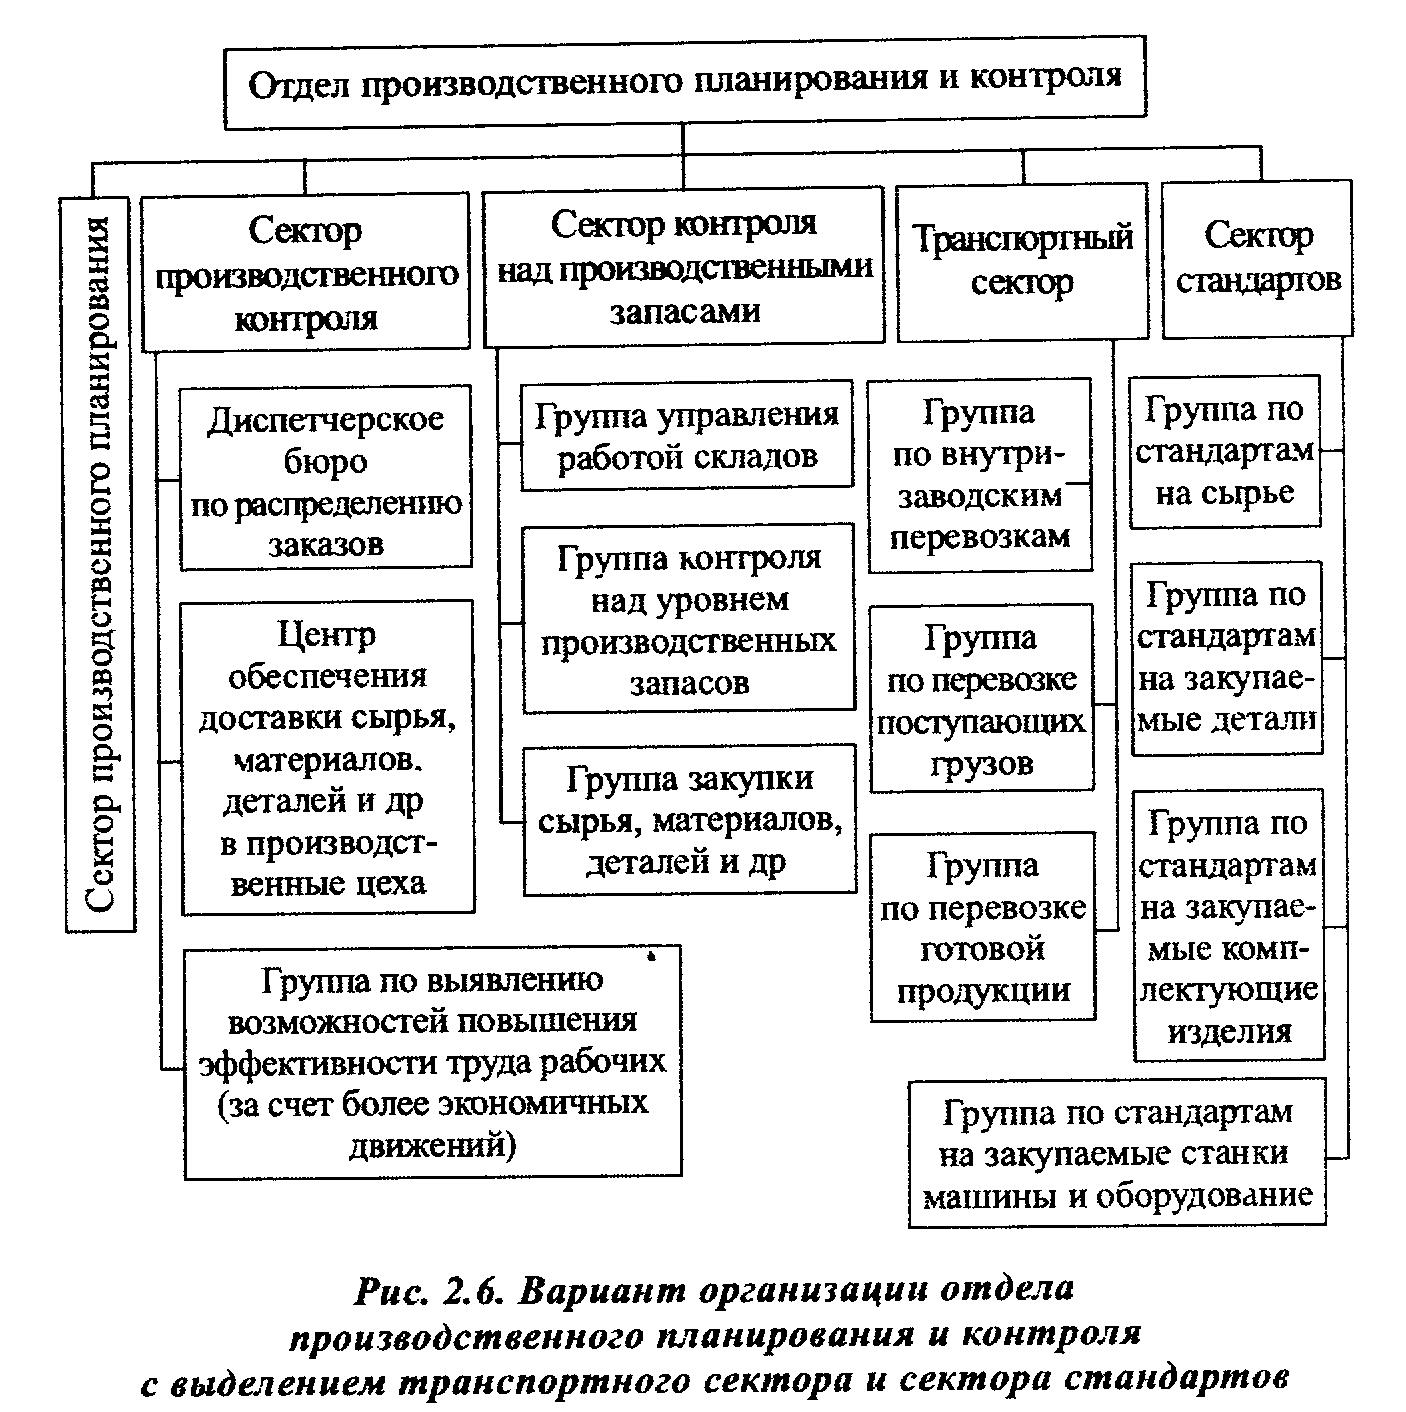 структура бюджетов и плановой службы в организациях